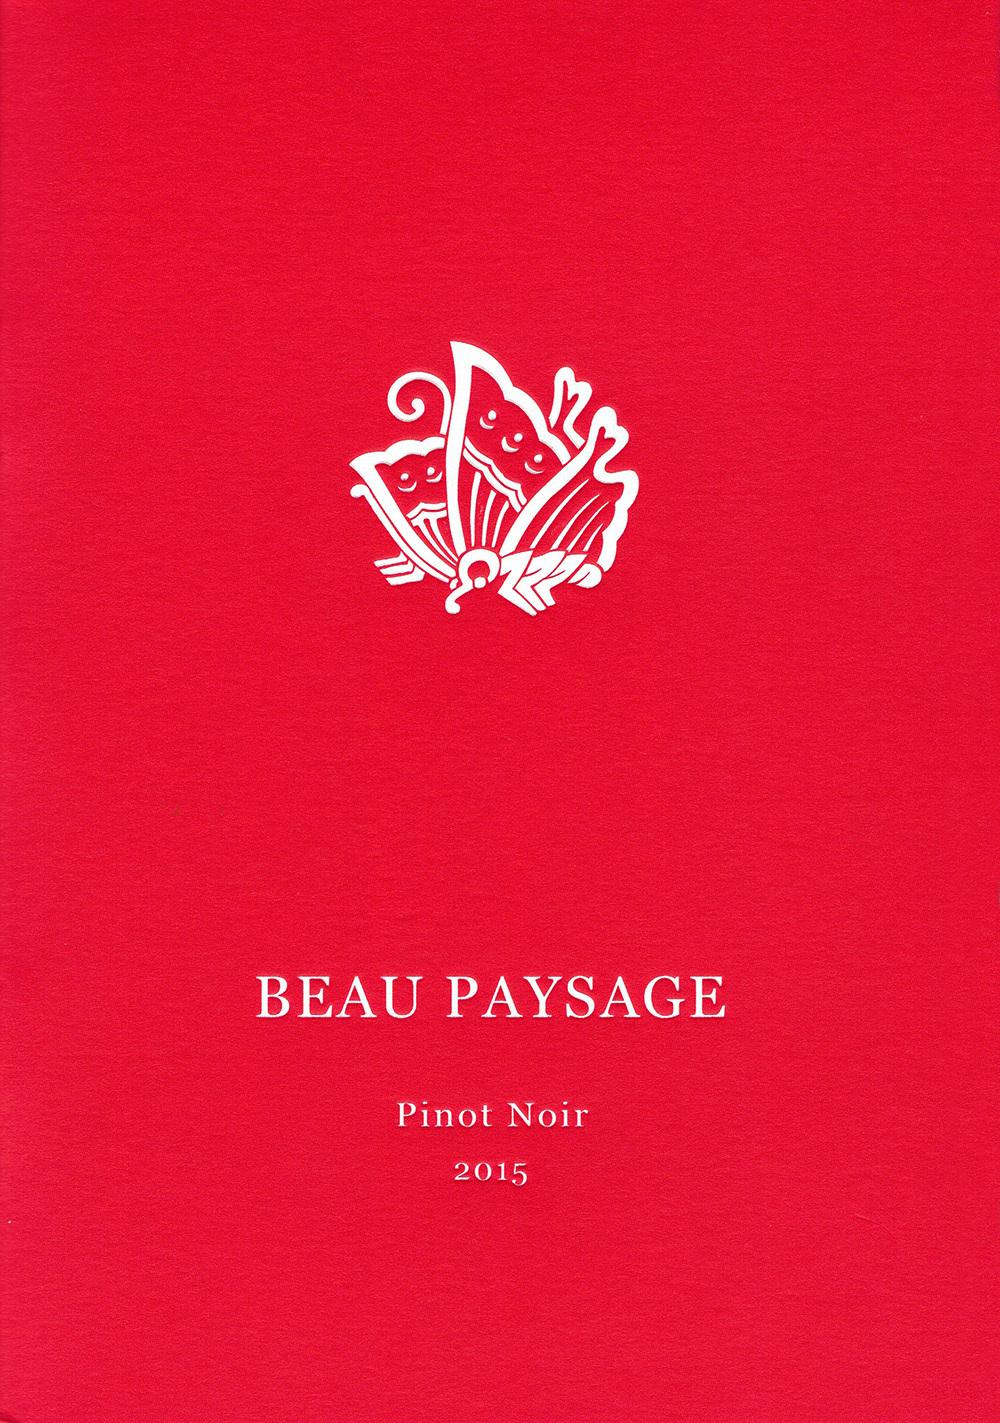 BEAU PAYSAGE Pinot Noir 2015  V.A